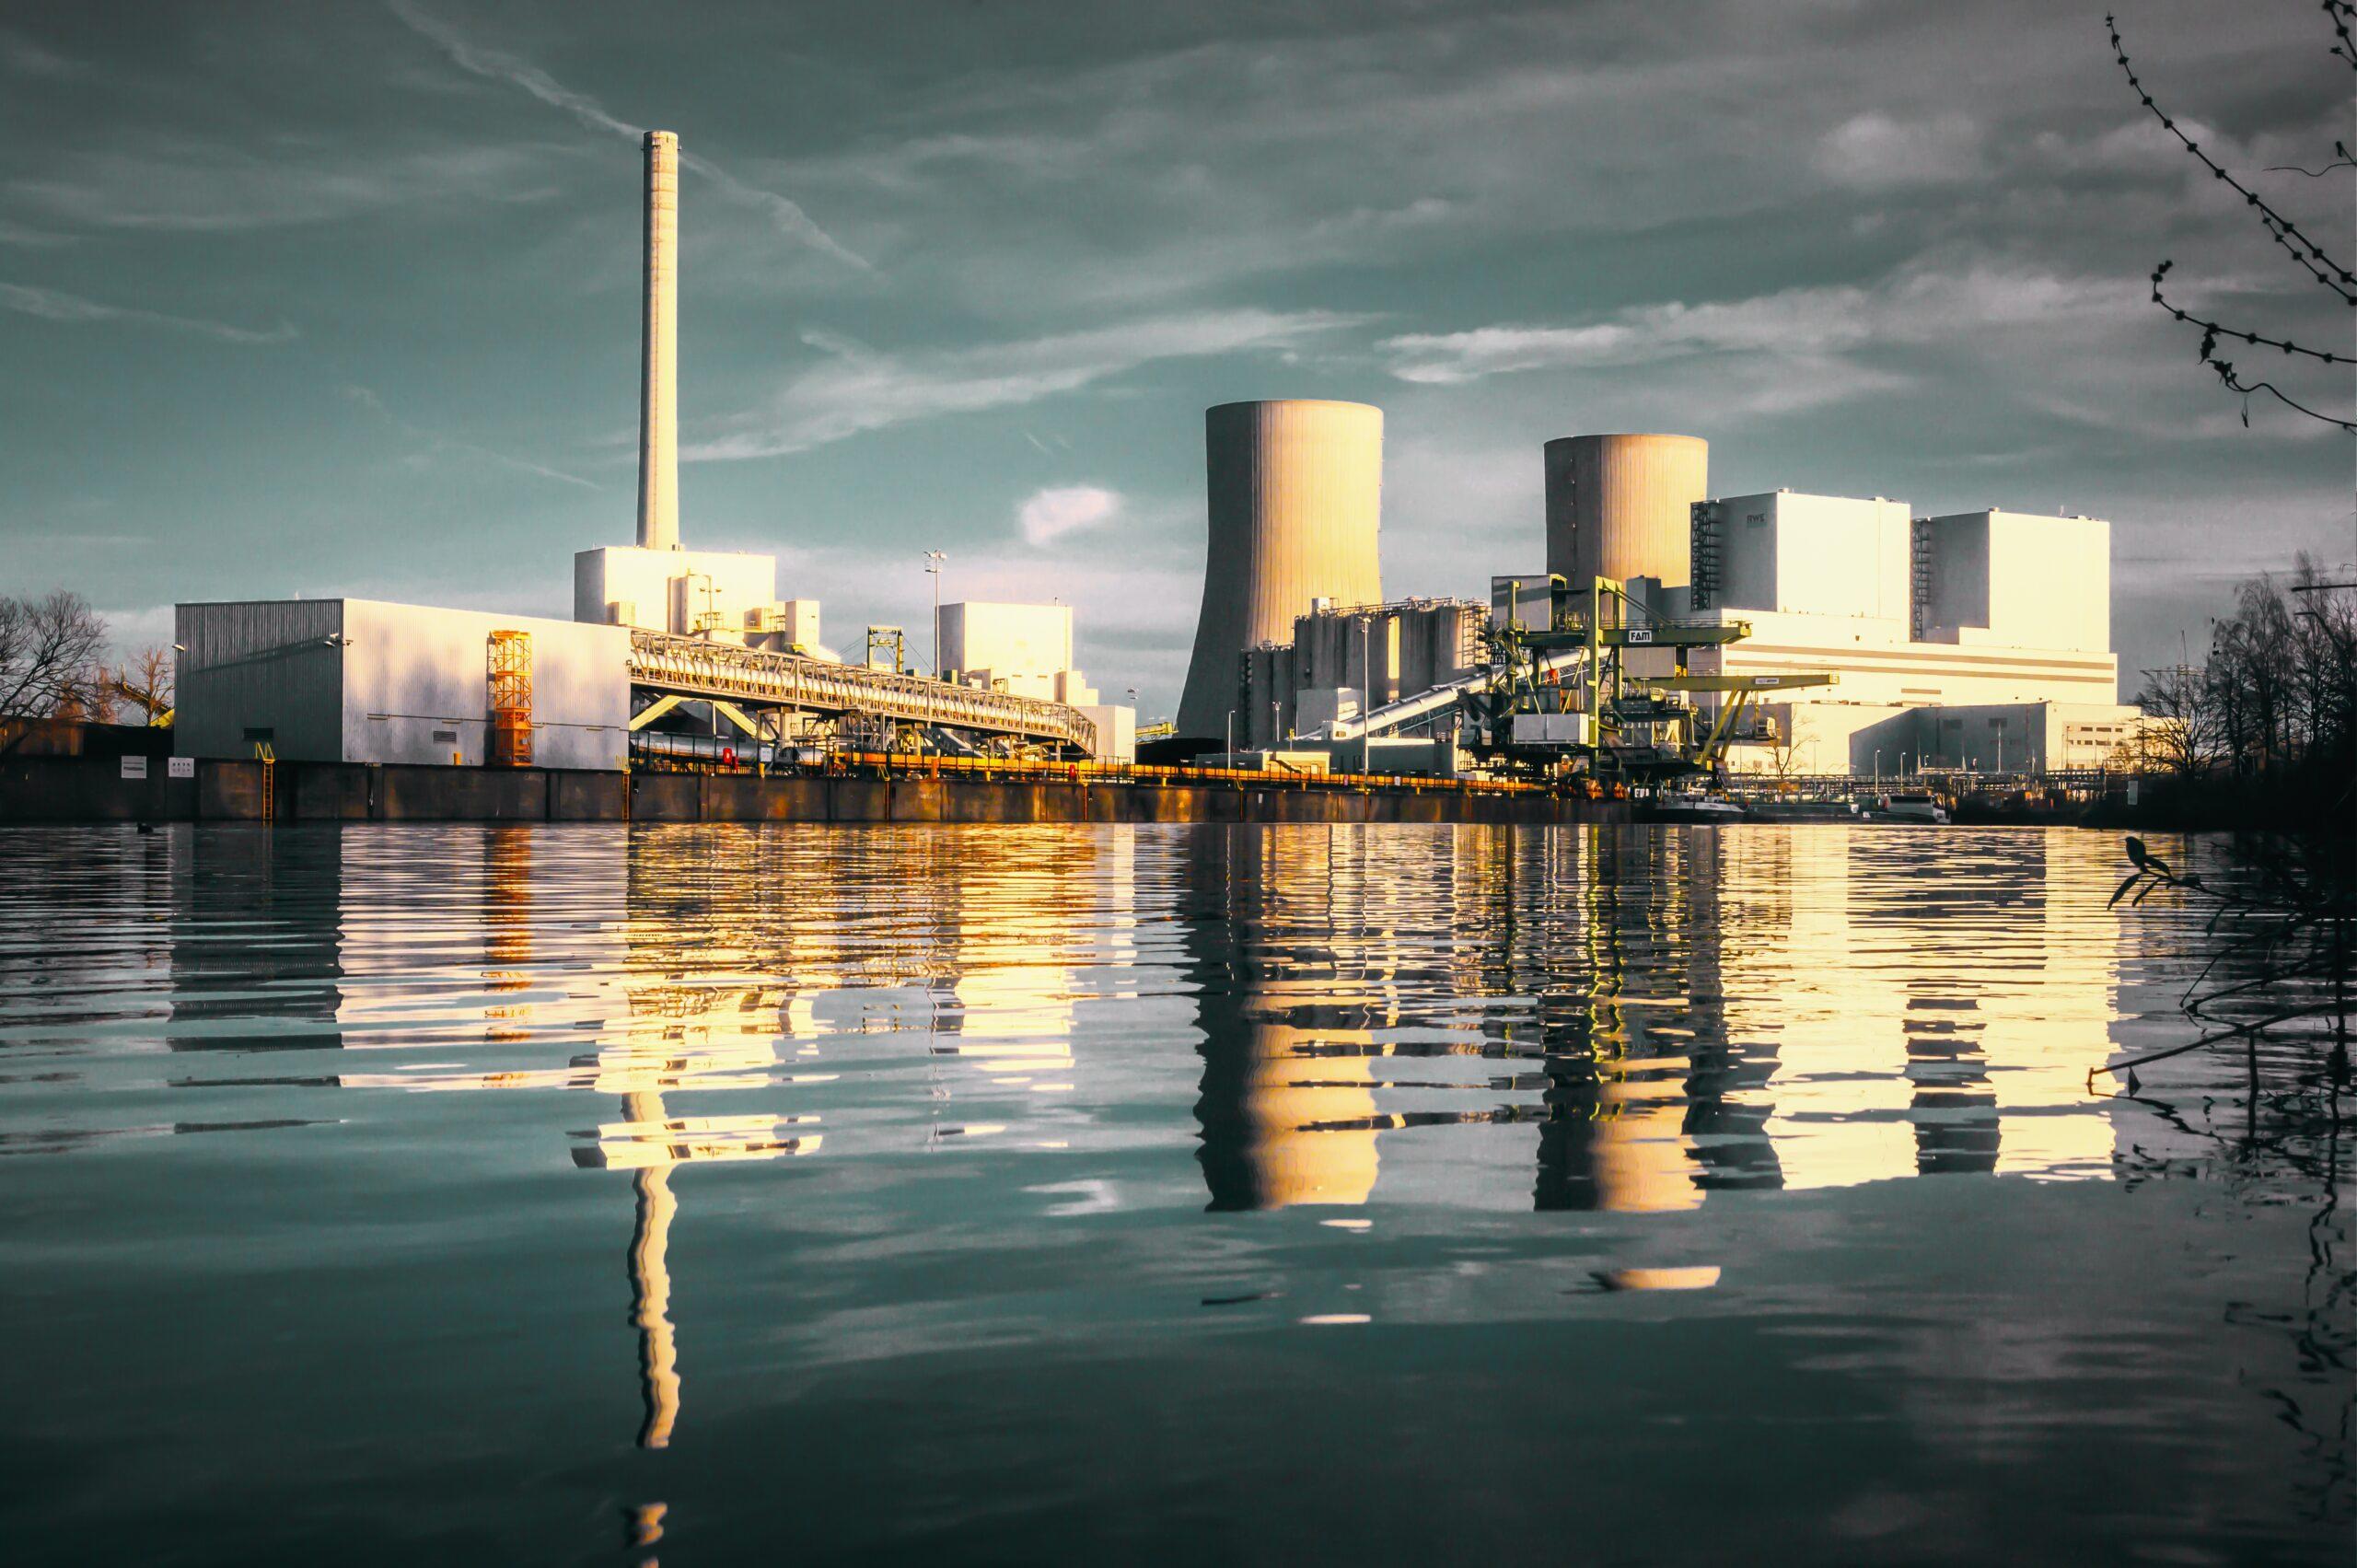 Более 25% электроэнергии Германии в первом полугодии 2021 года поставили угольные ТЭЦ